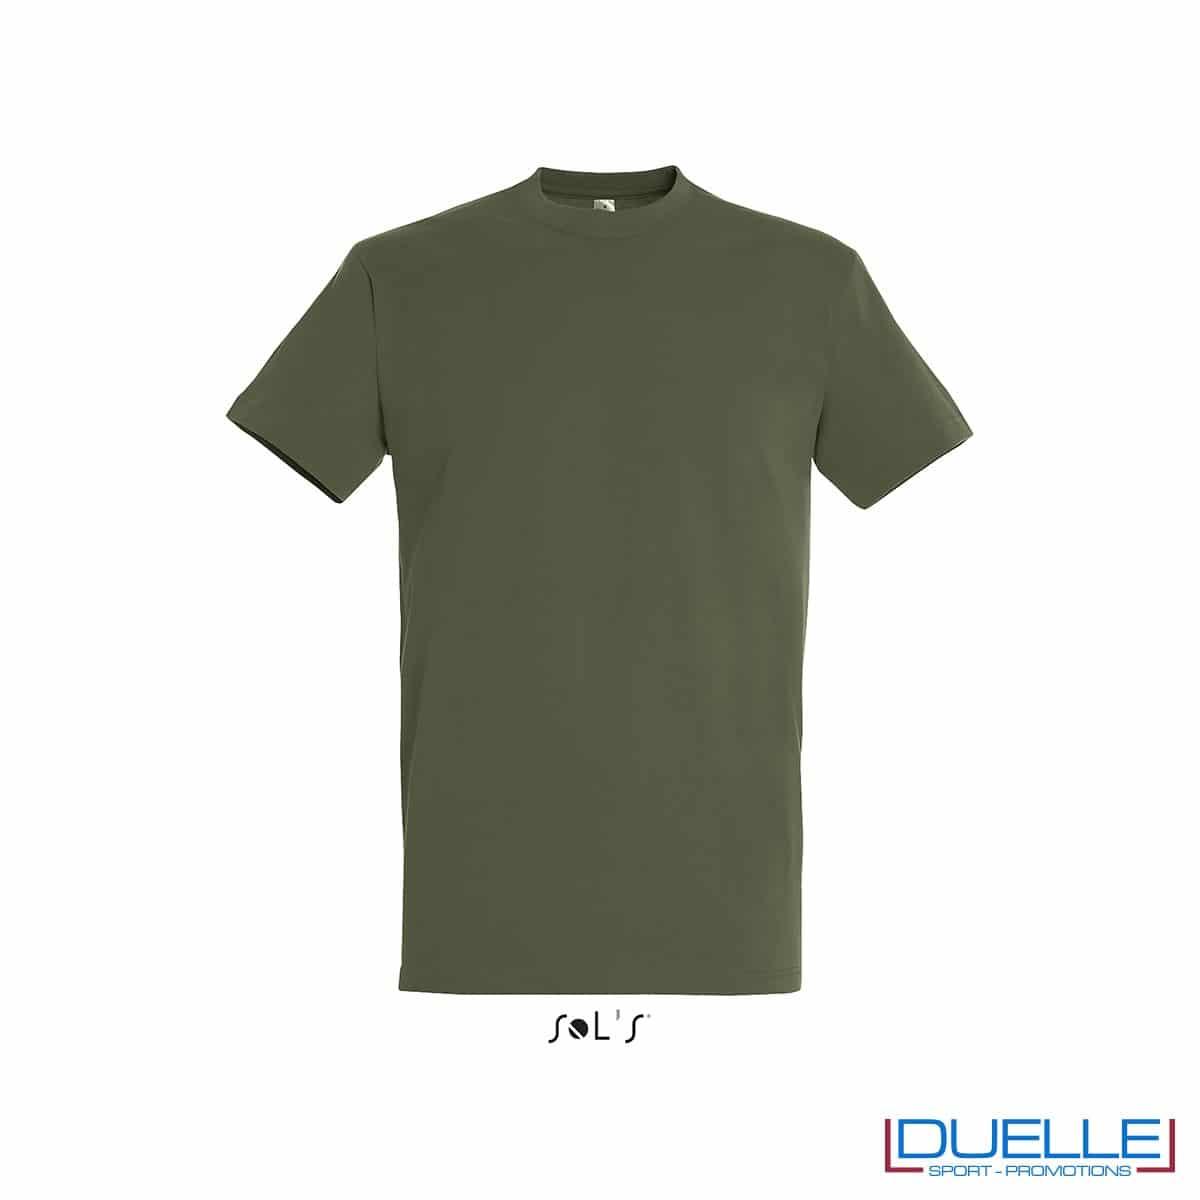 T-shirt promozionale in cotone pesante colore verde militare personalizzata con ricamo o stampa